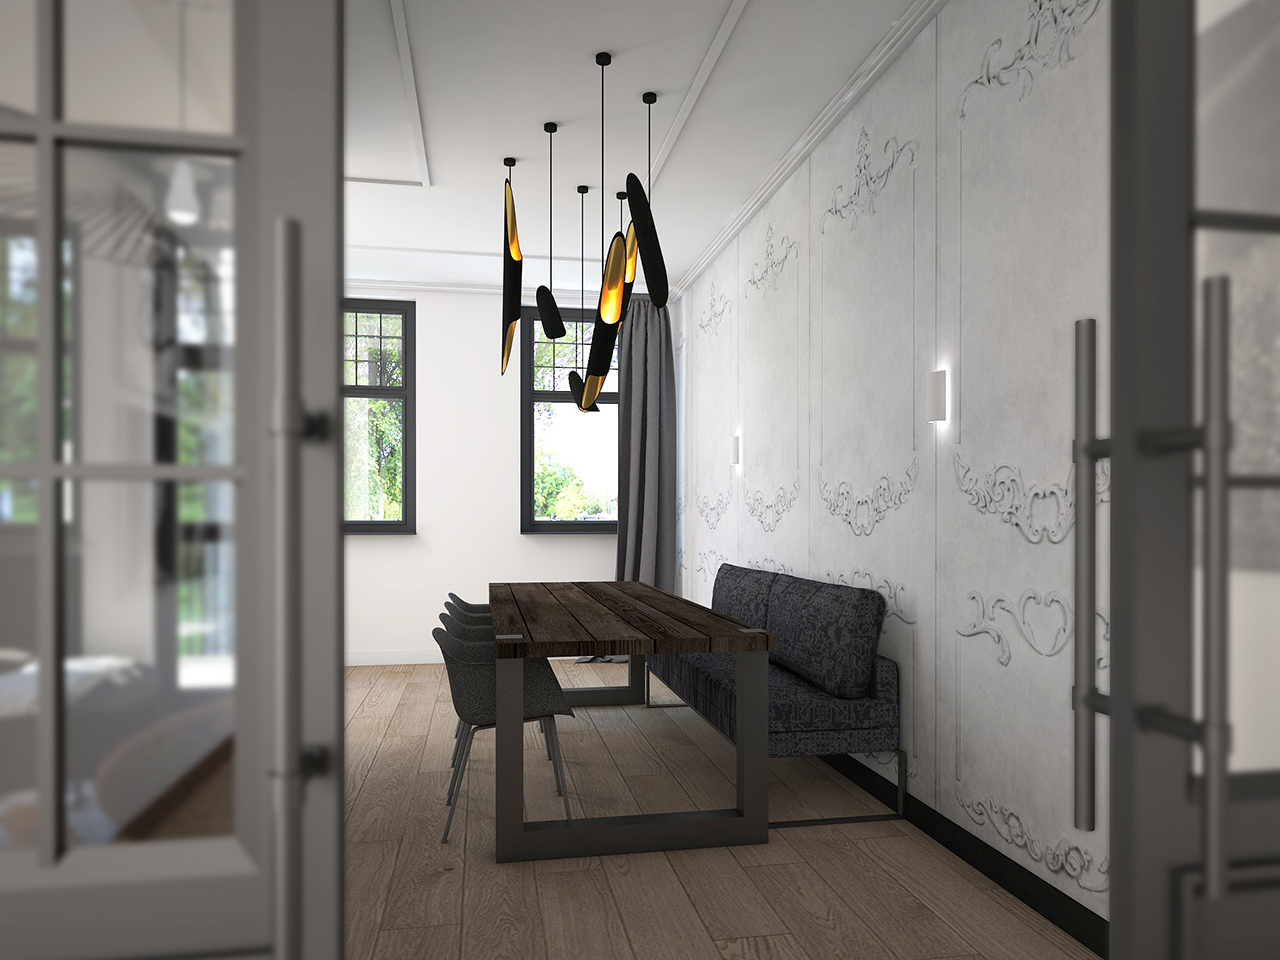 https://studio-em.nl/wp-content/uploads/Moder-klassiek-interieur-kamer-en-suite-deuren-eethoek.jpg